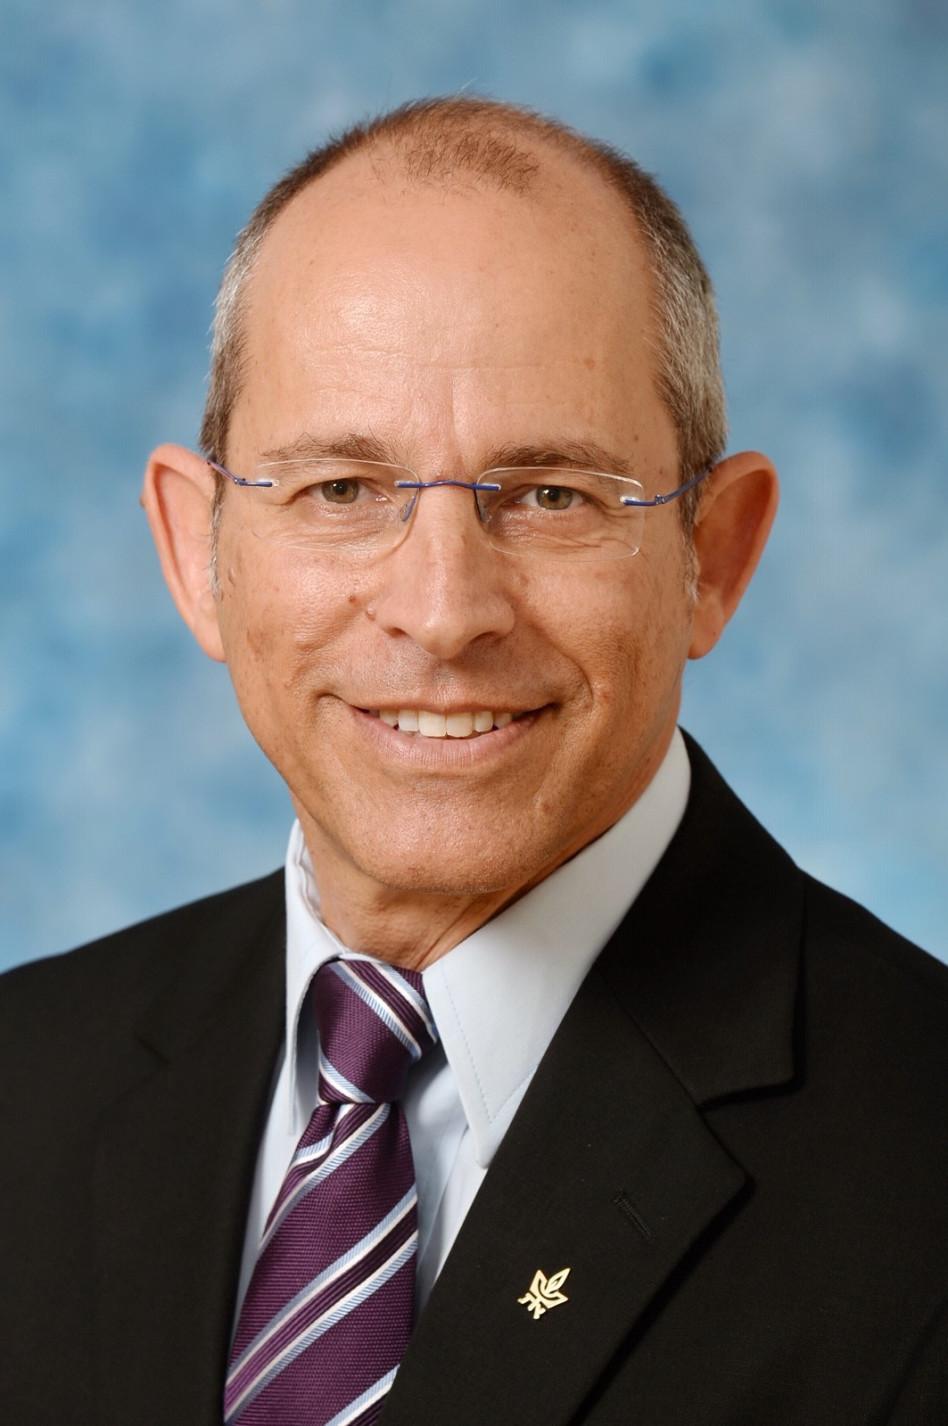 פרופ' משה צבירן (צילום: ישראל הדרי)